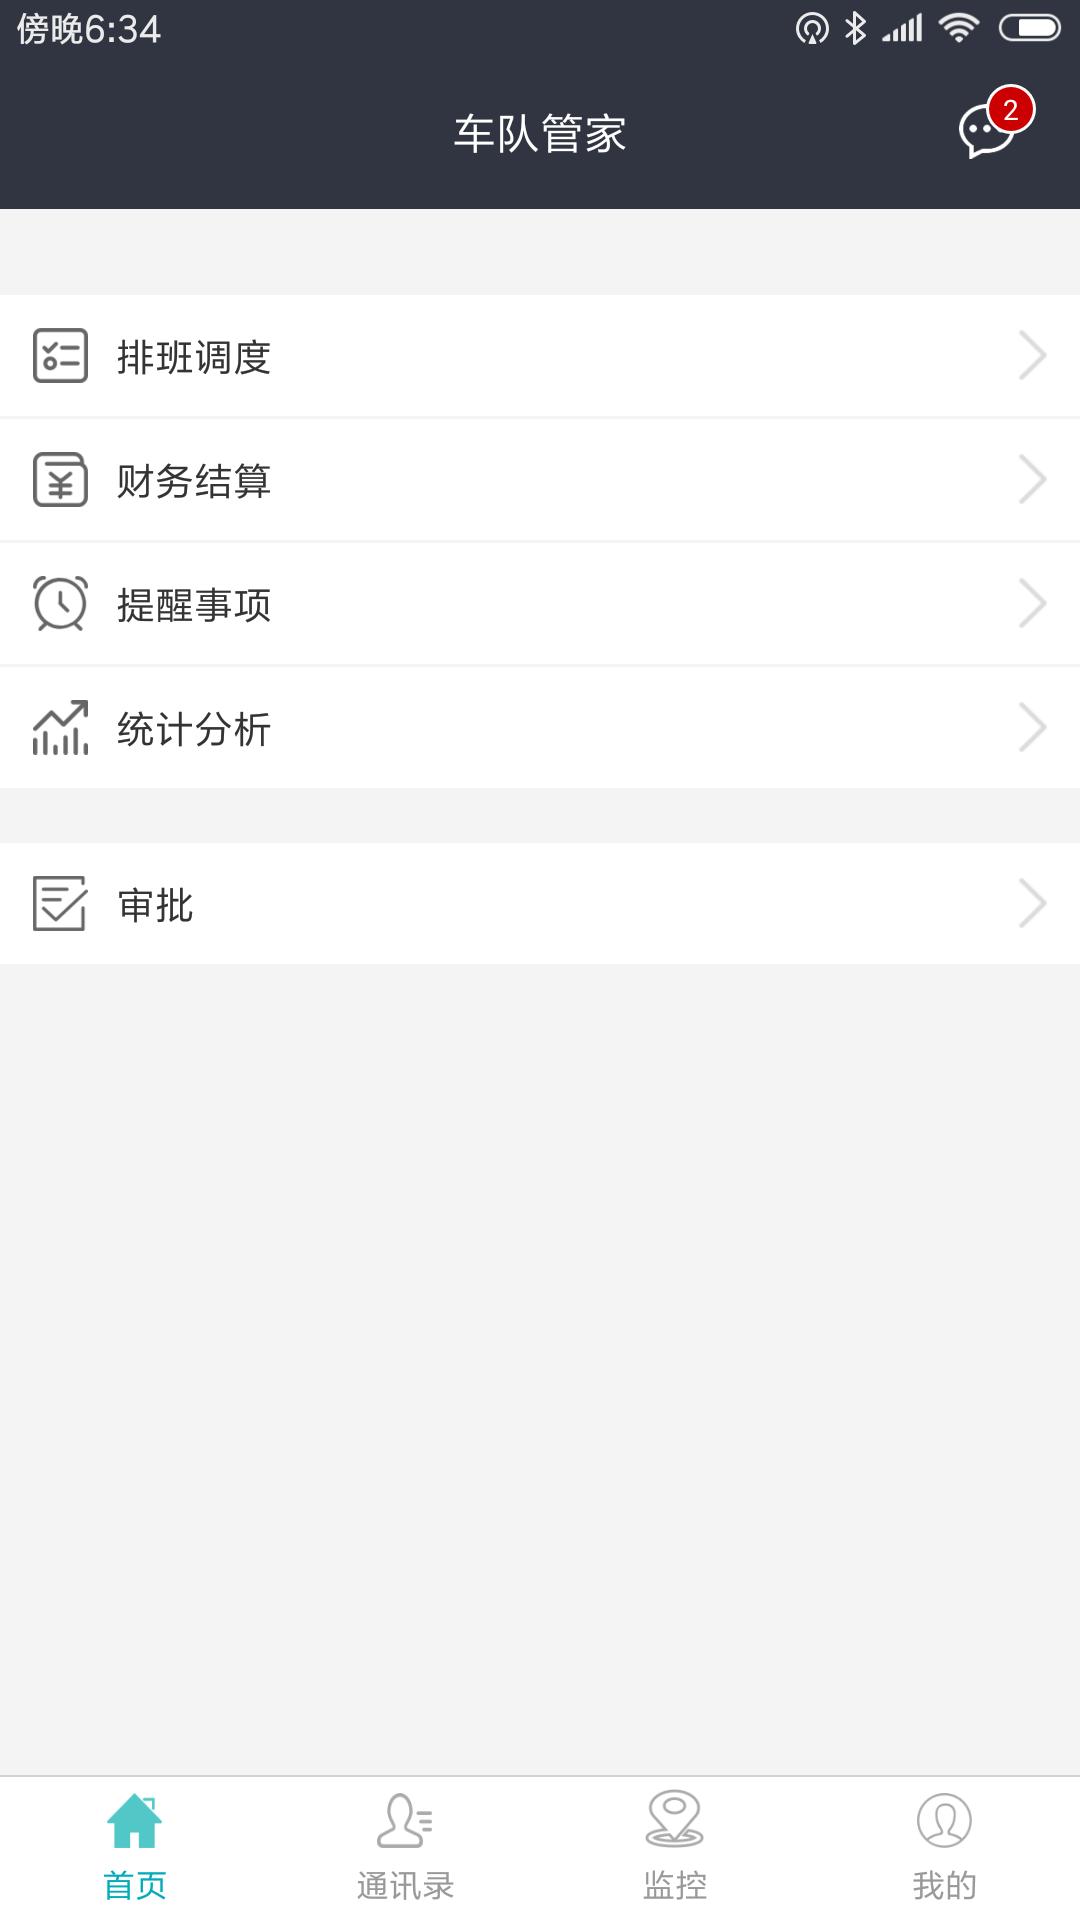 车队管家 V2.5.8.1 安卓版截图1